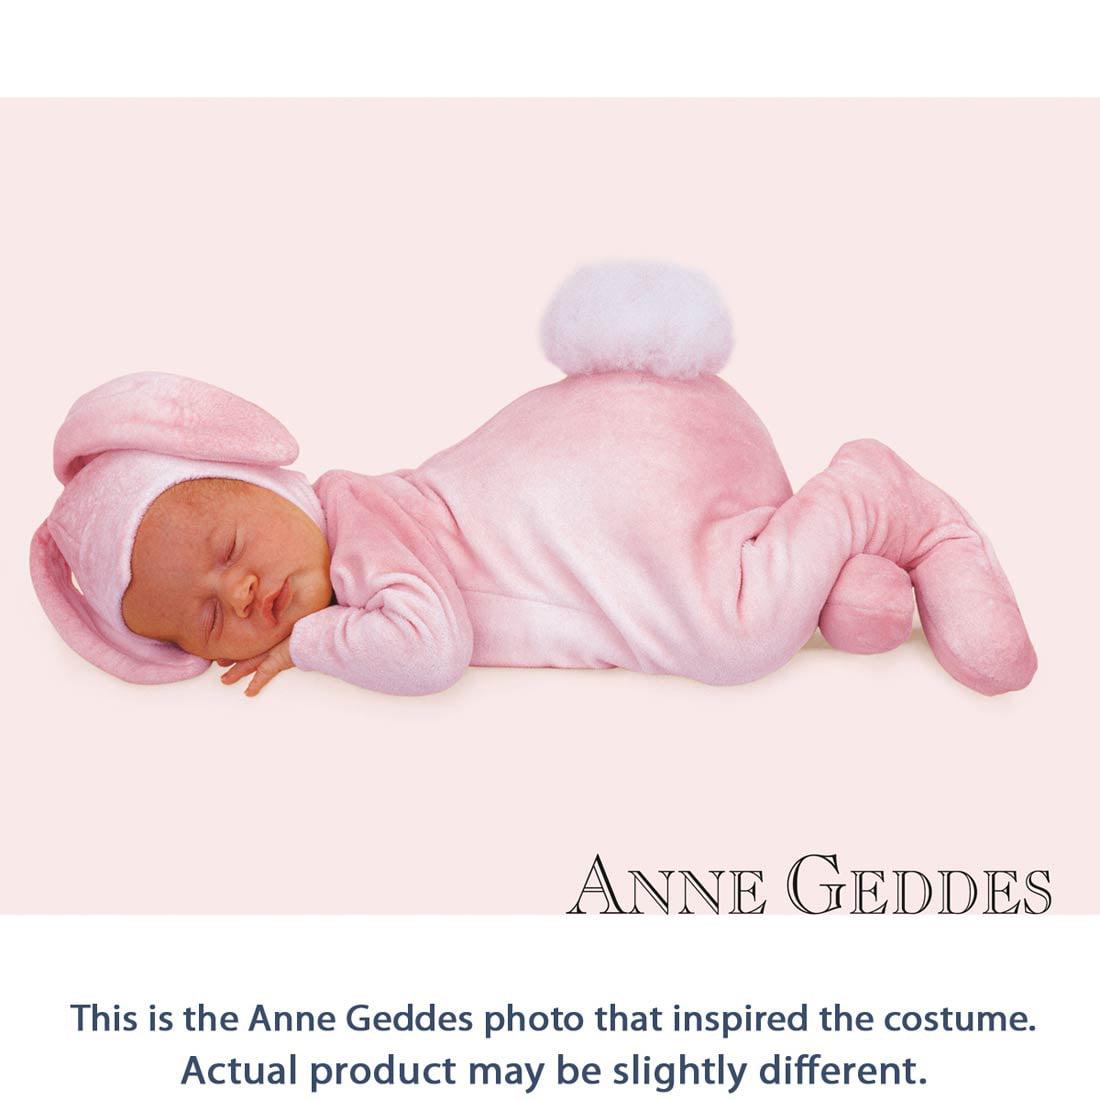 sc 1 st  Walmart & Baby Anne Geddes Bunny Halloween Costume - Walmart.com